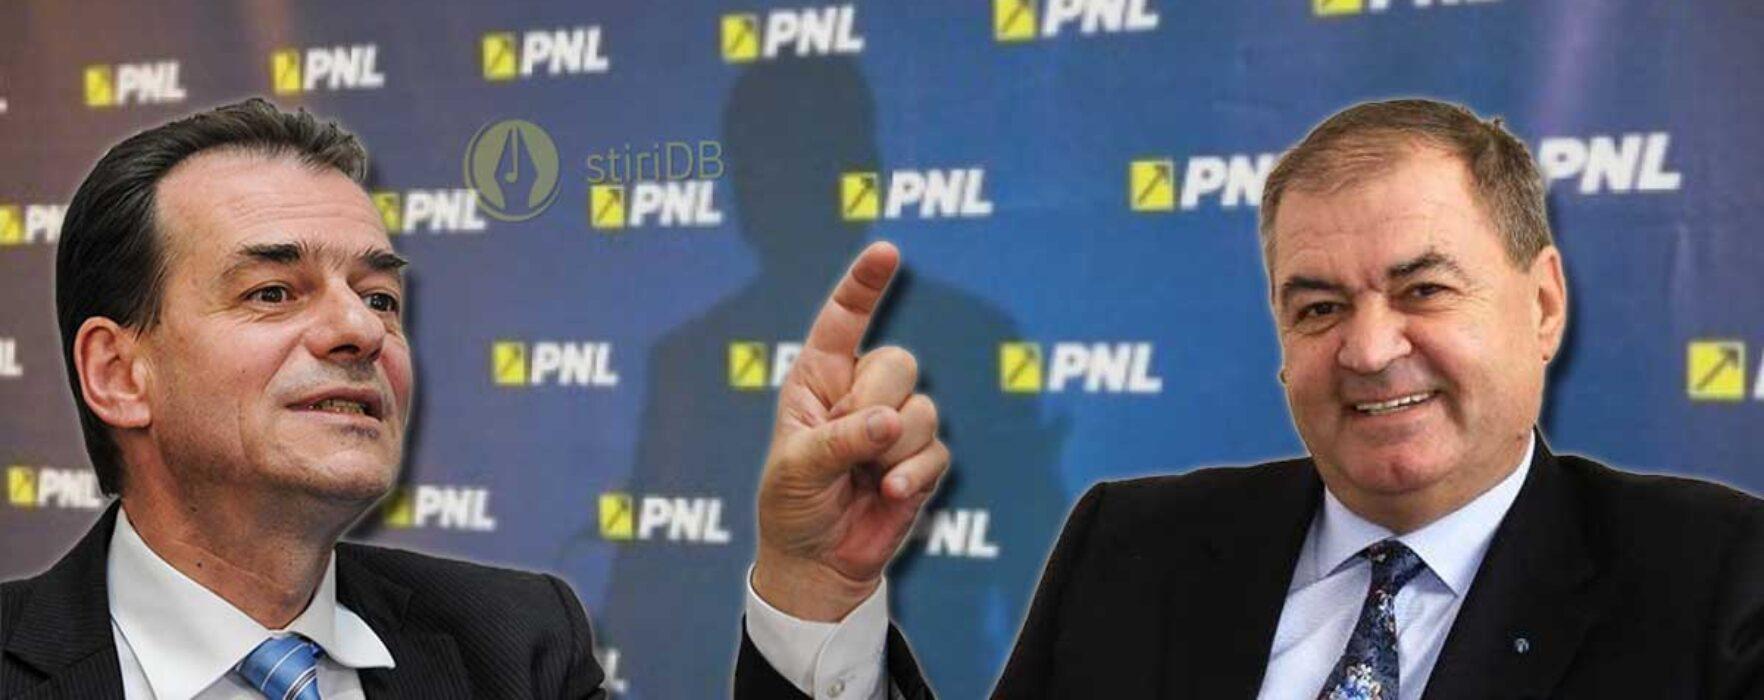 Orban, în 2008: Prefectul Aurelian Popa trebuie demis